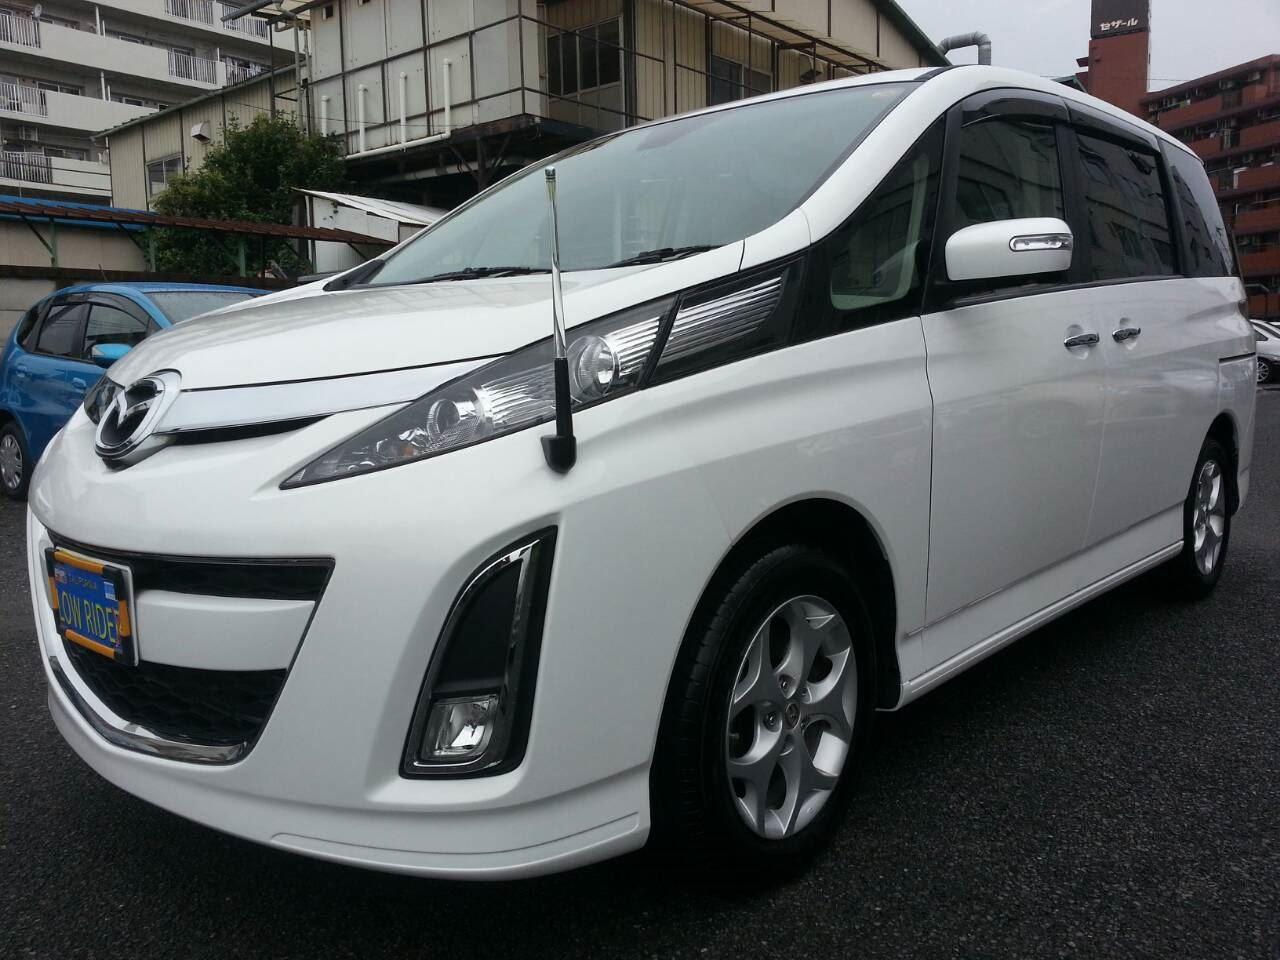 東京都立川市の車の板金塗装修理工場 ガレージローライドのマツダ ビアンテの両側面のキズ へこみ の板金 修理 塗装 です。